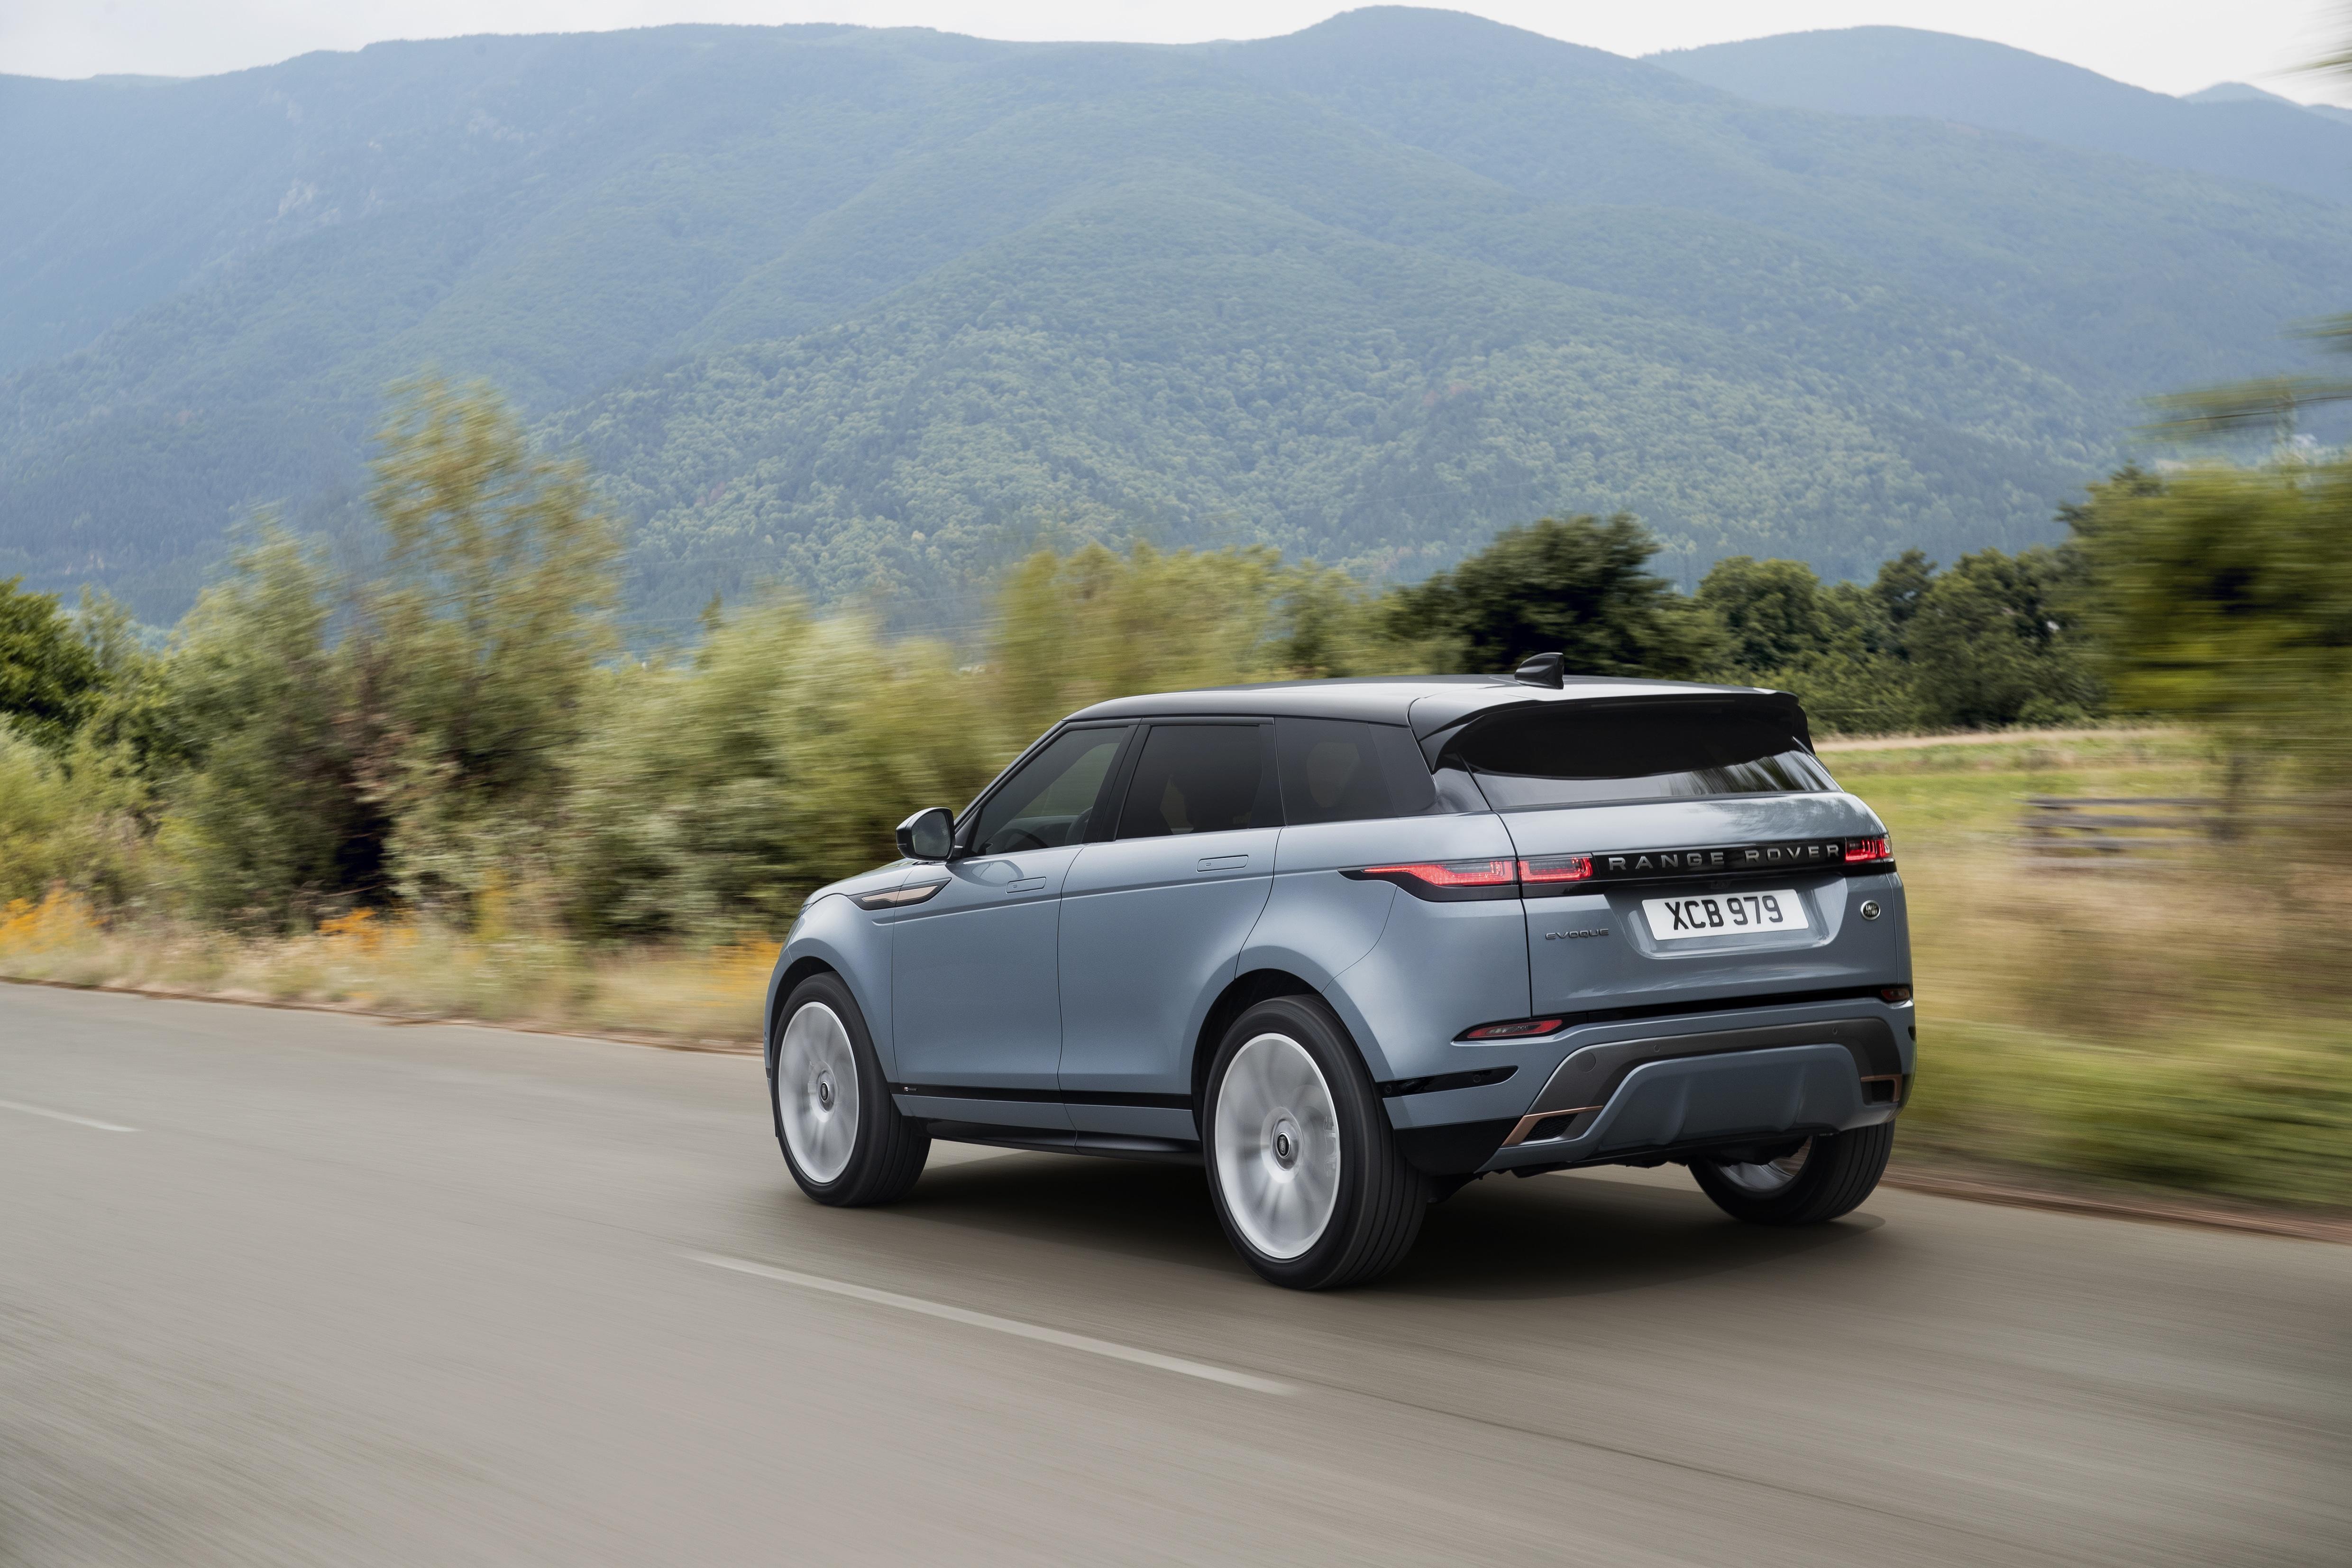 range rover evoque range rover evoque Range Rover Evoque: un suv di lusso per viaggiare in città rr evq 20my dynamic nd 221118 04